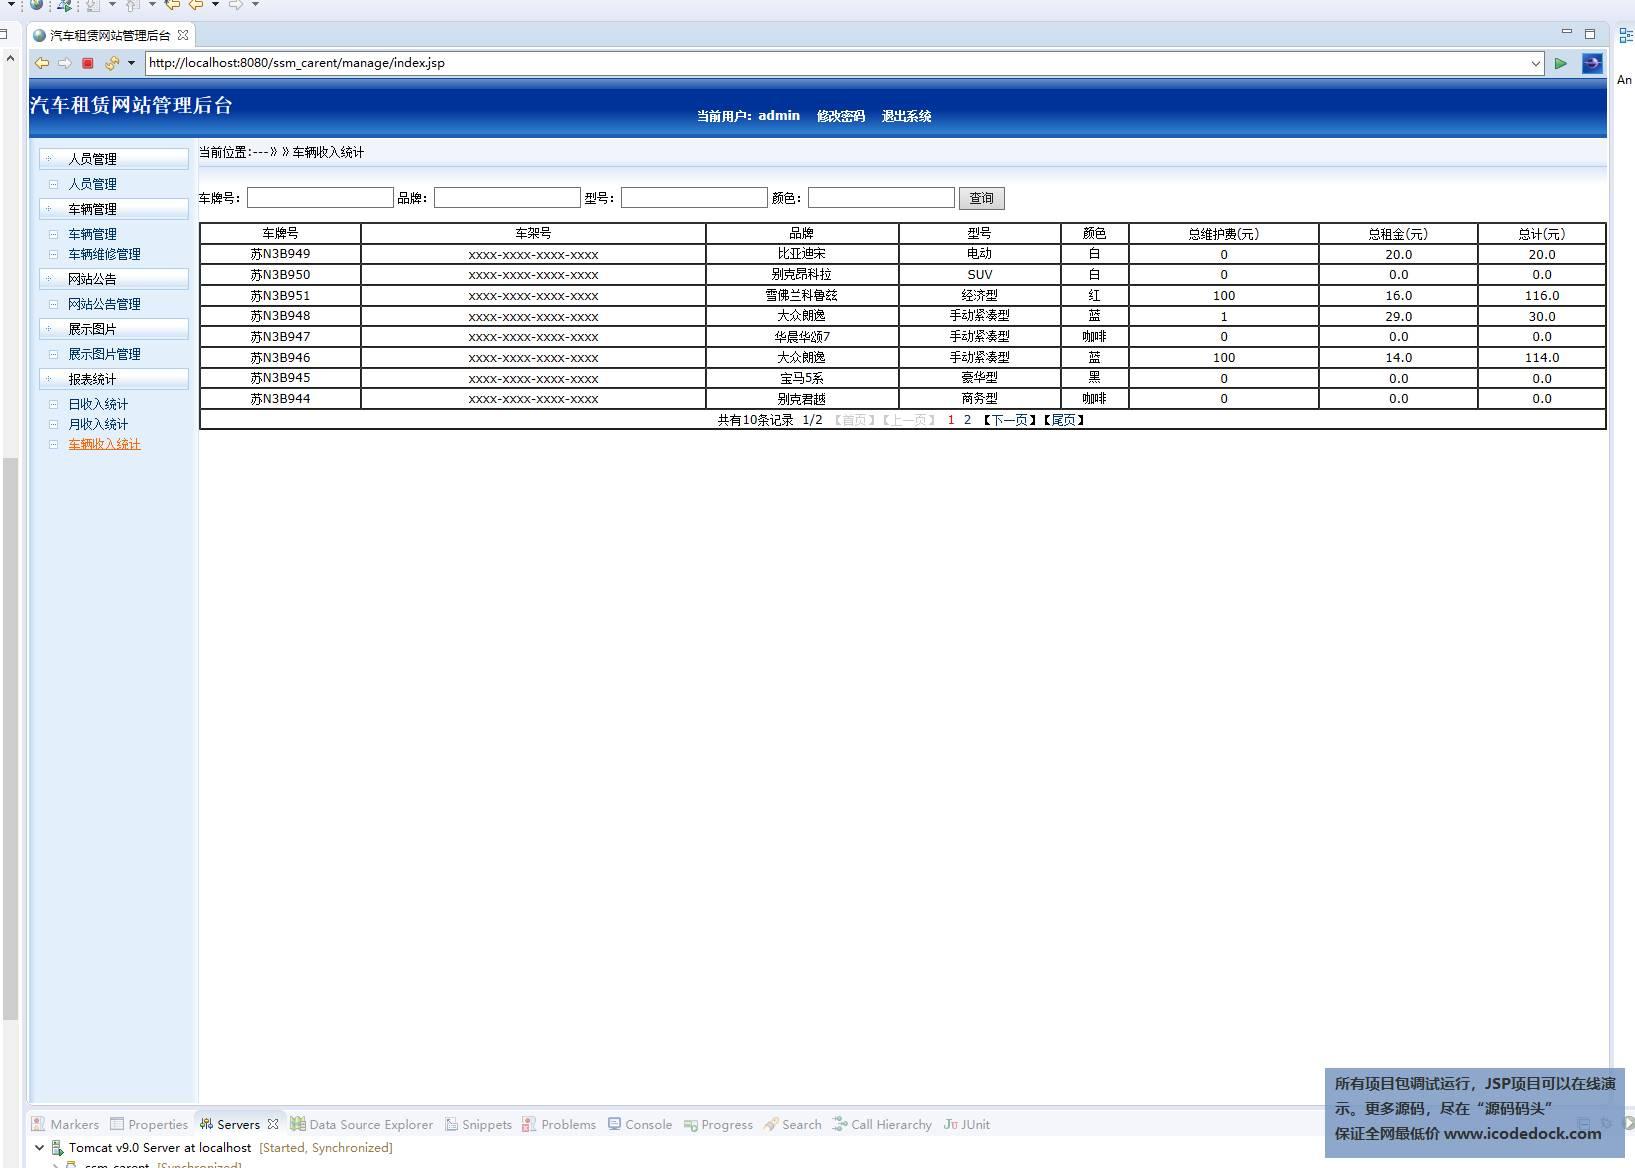 源码码头-SSM汽车出租管理系统-管理员角色-统计管理